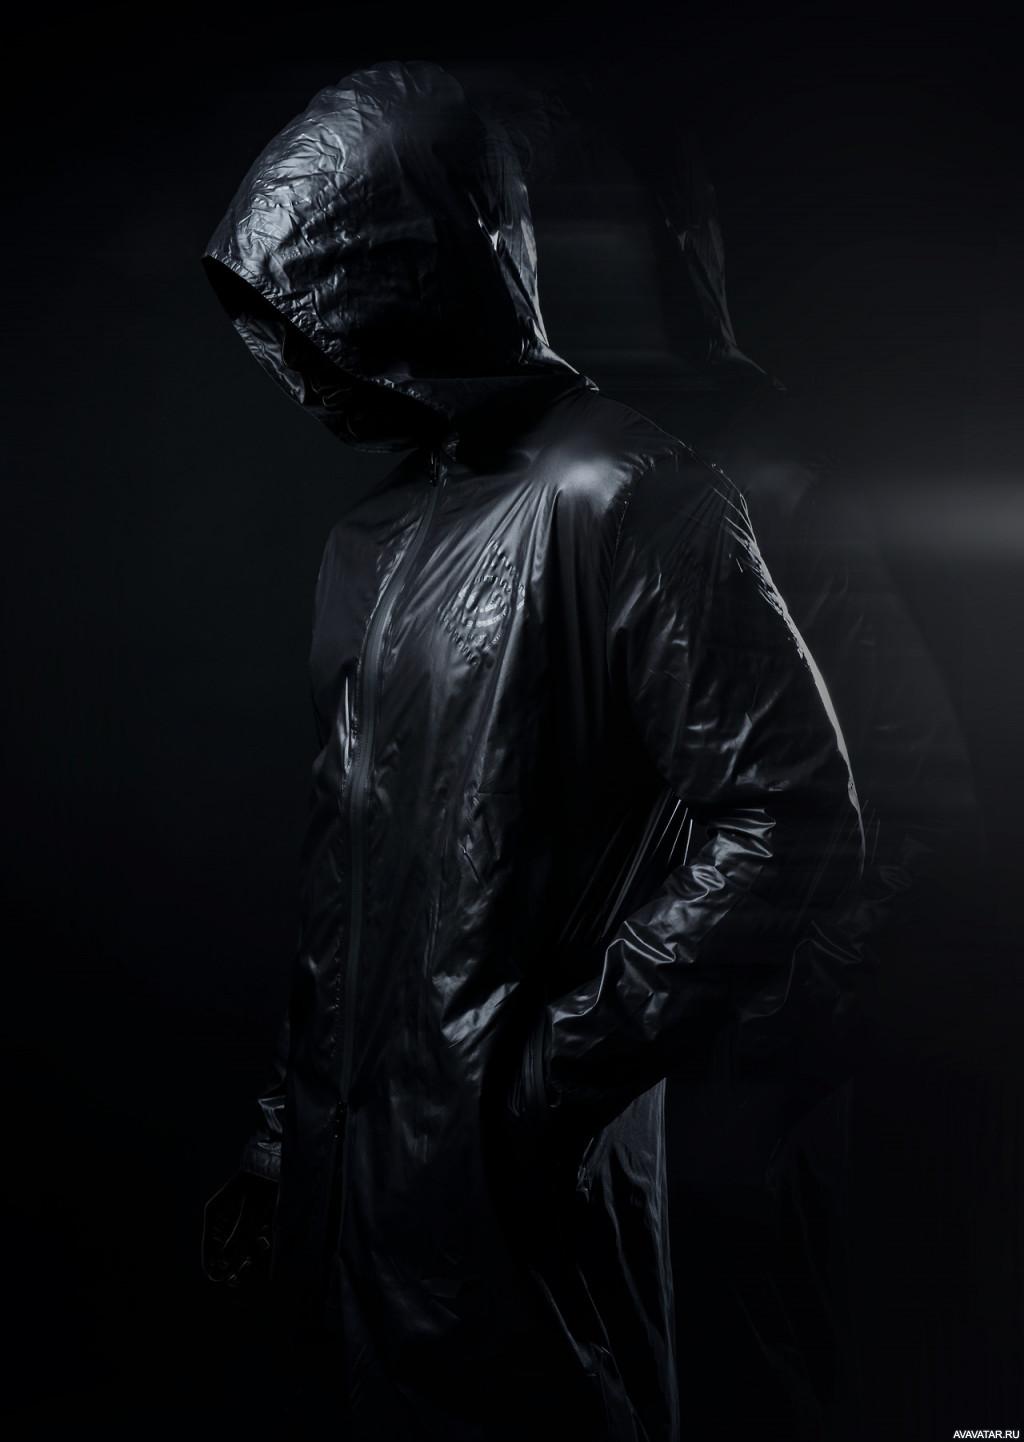 картинки человек в темном капюшоне фигуры